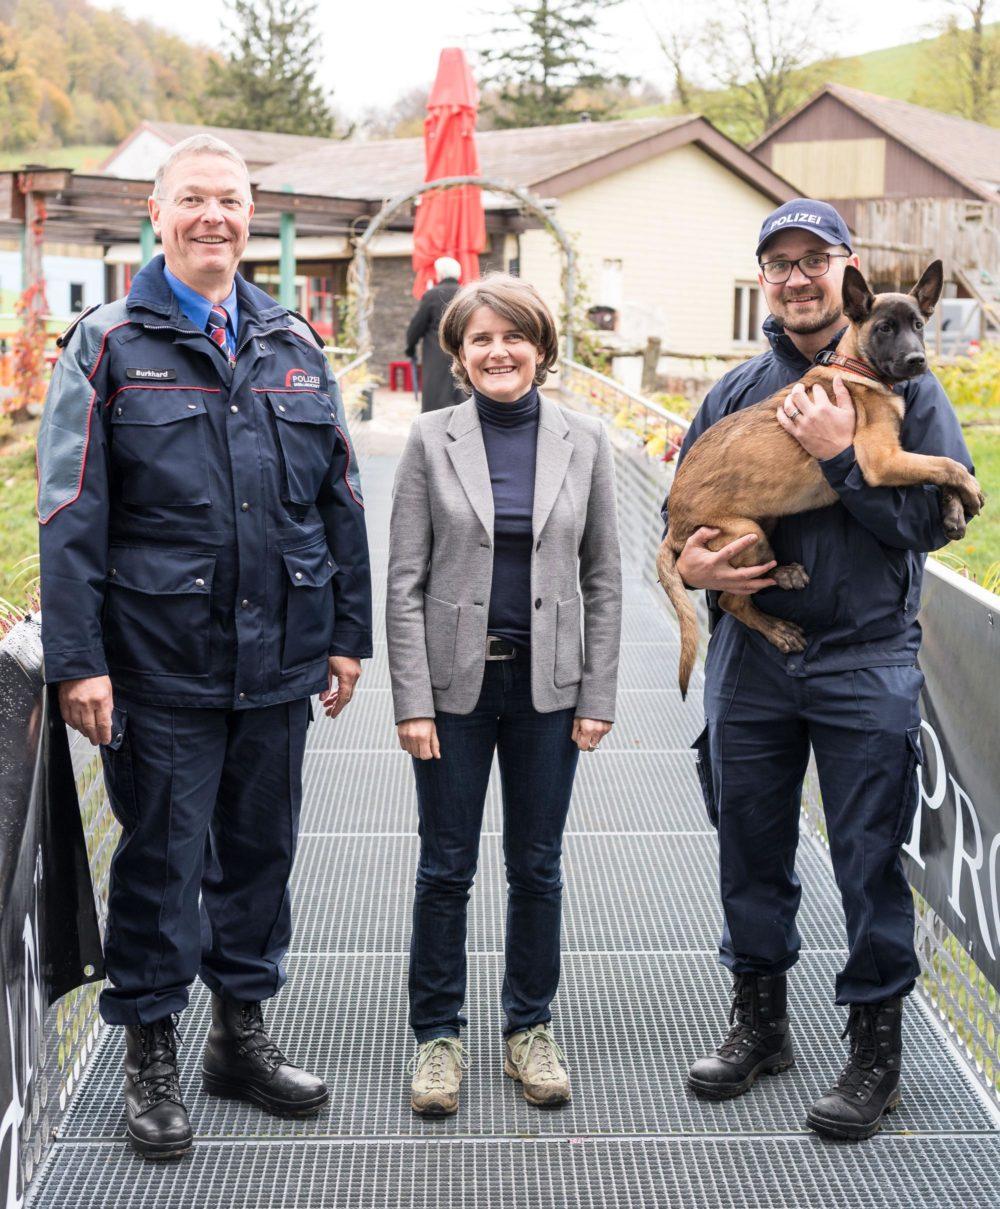 Polizeikommandant Mark Burkhard, Sicherheitsdirektorin Kathrin Schweizer, Peter Aebi (technischer Leiter Sondereinheit Sirius) und Junghund Iras vom Löwenfels